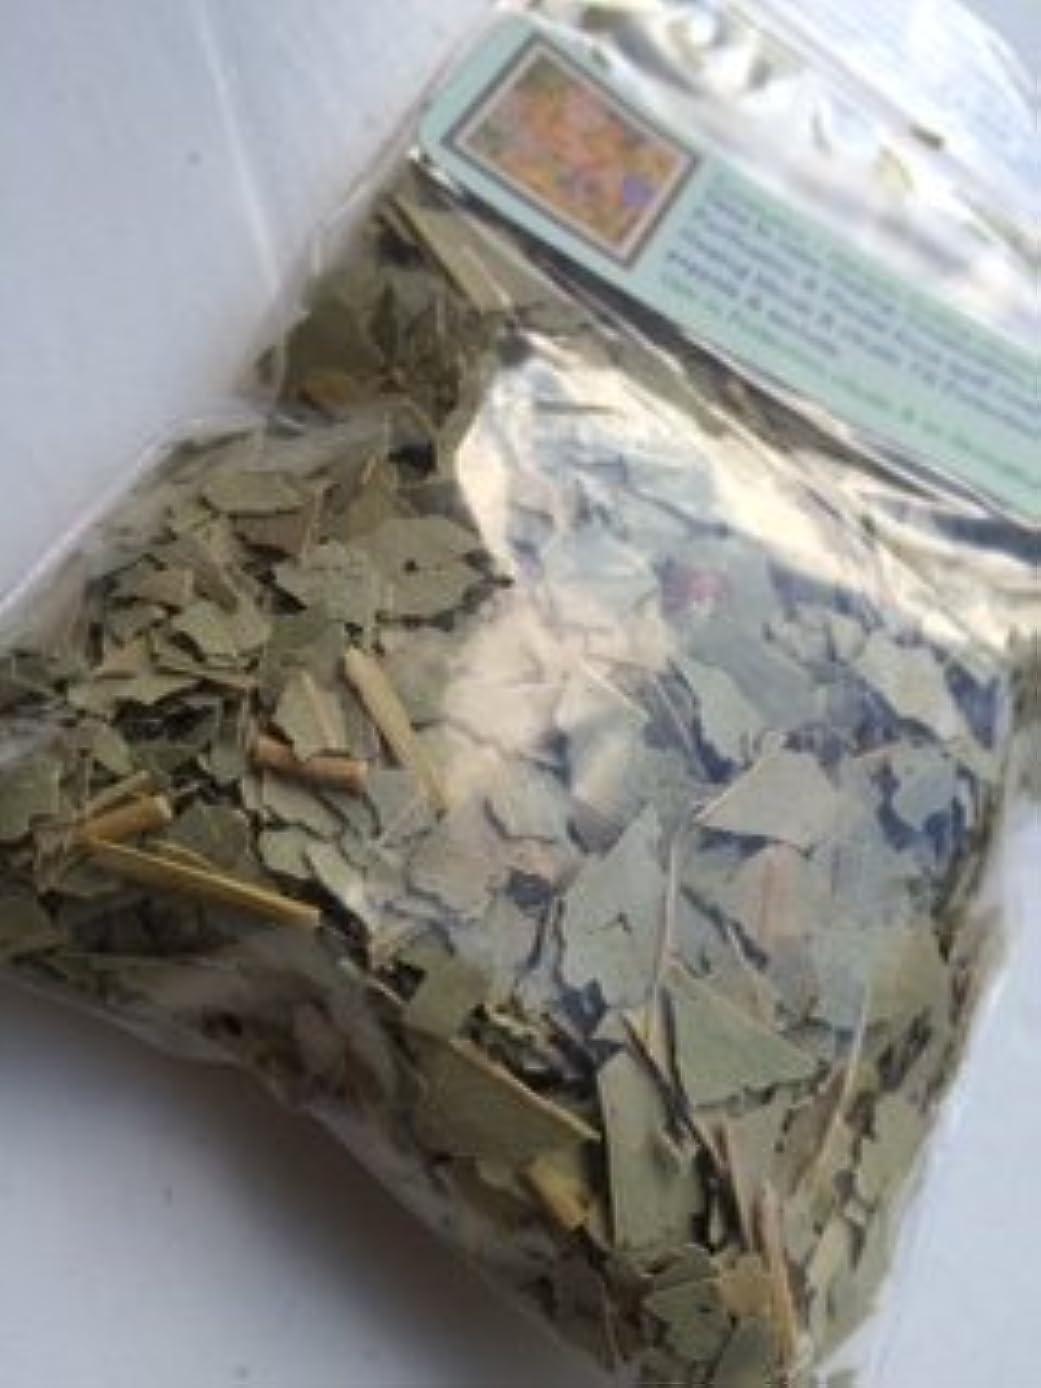 専門化する熟達スチュワーデスDried Herb ~ 1?oz ~ユーカリカットリーフ~ Ravenz Roost Dried Herbs with special Info Onラベル